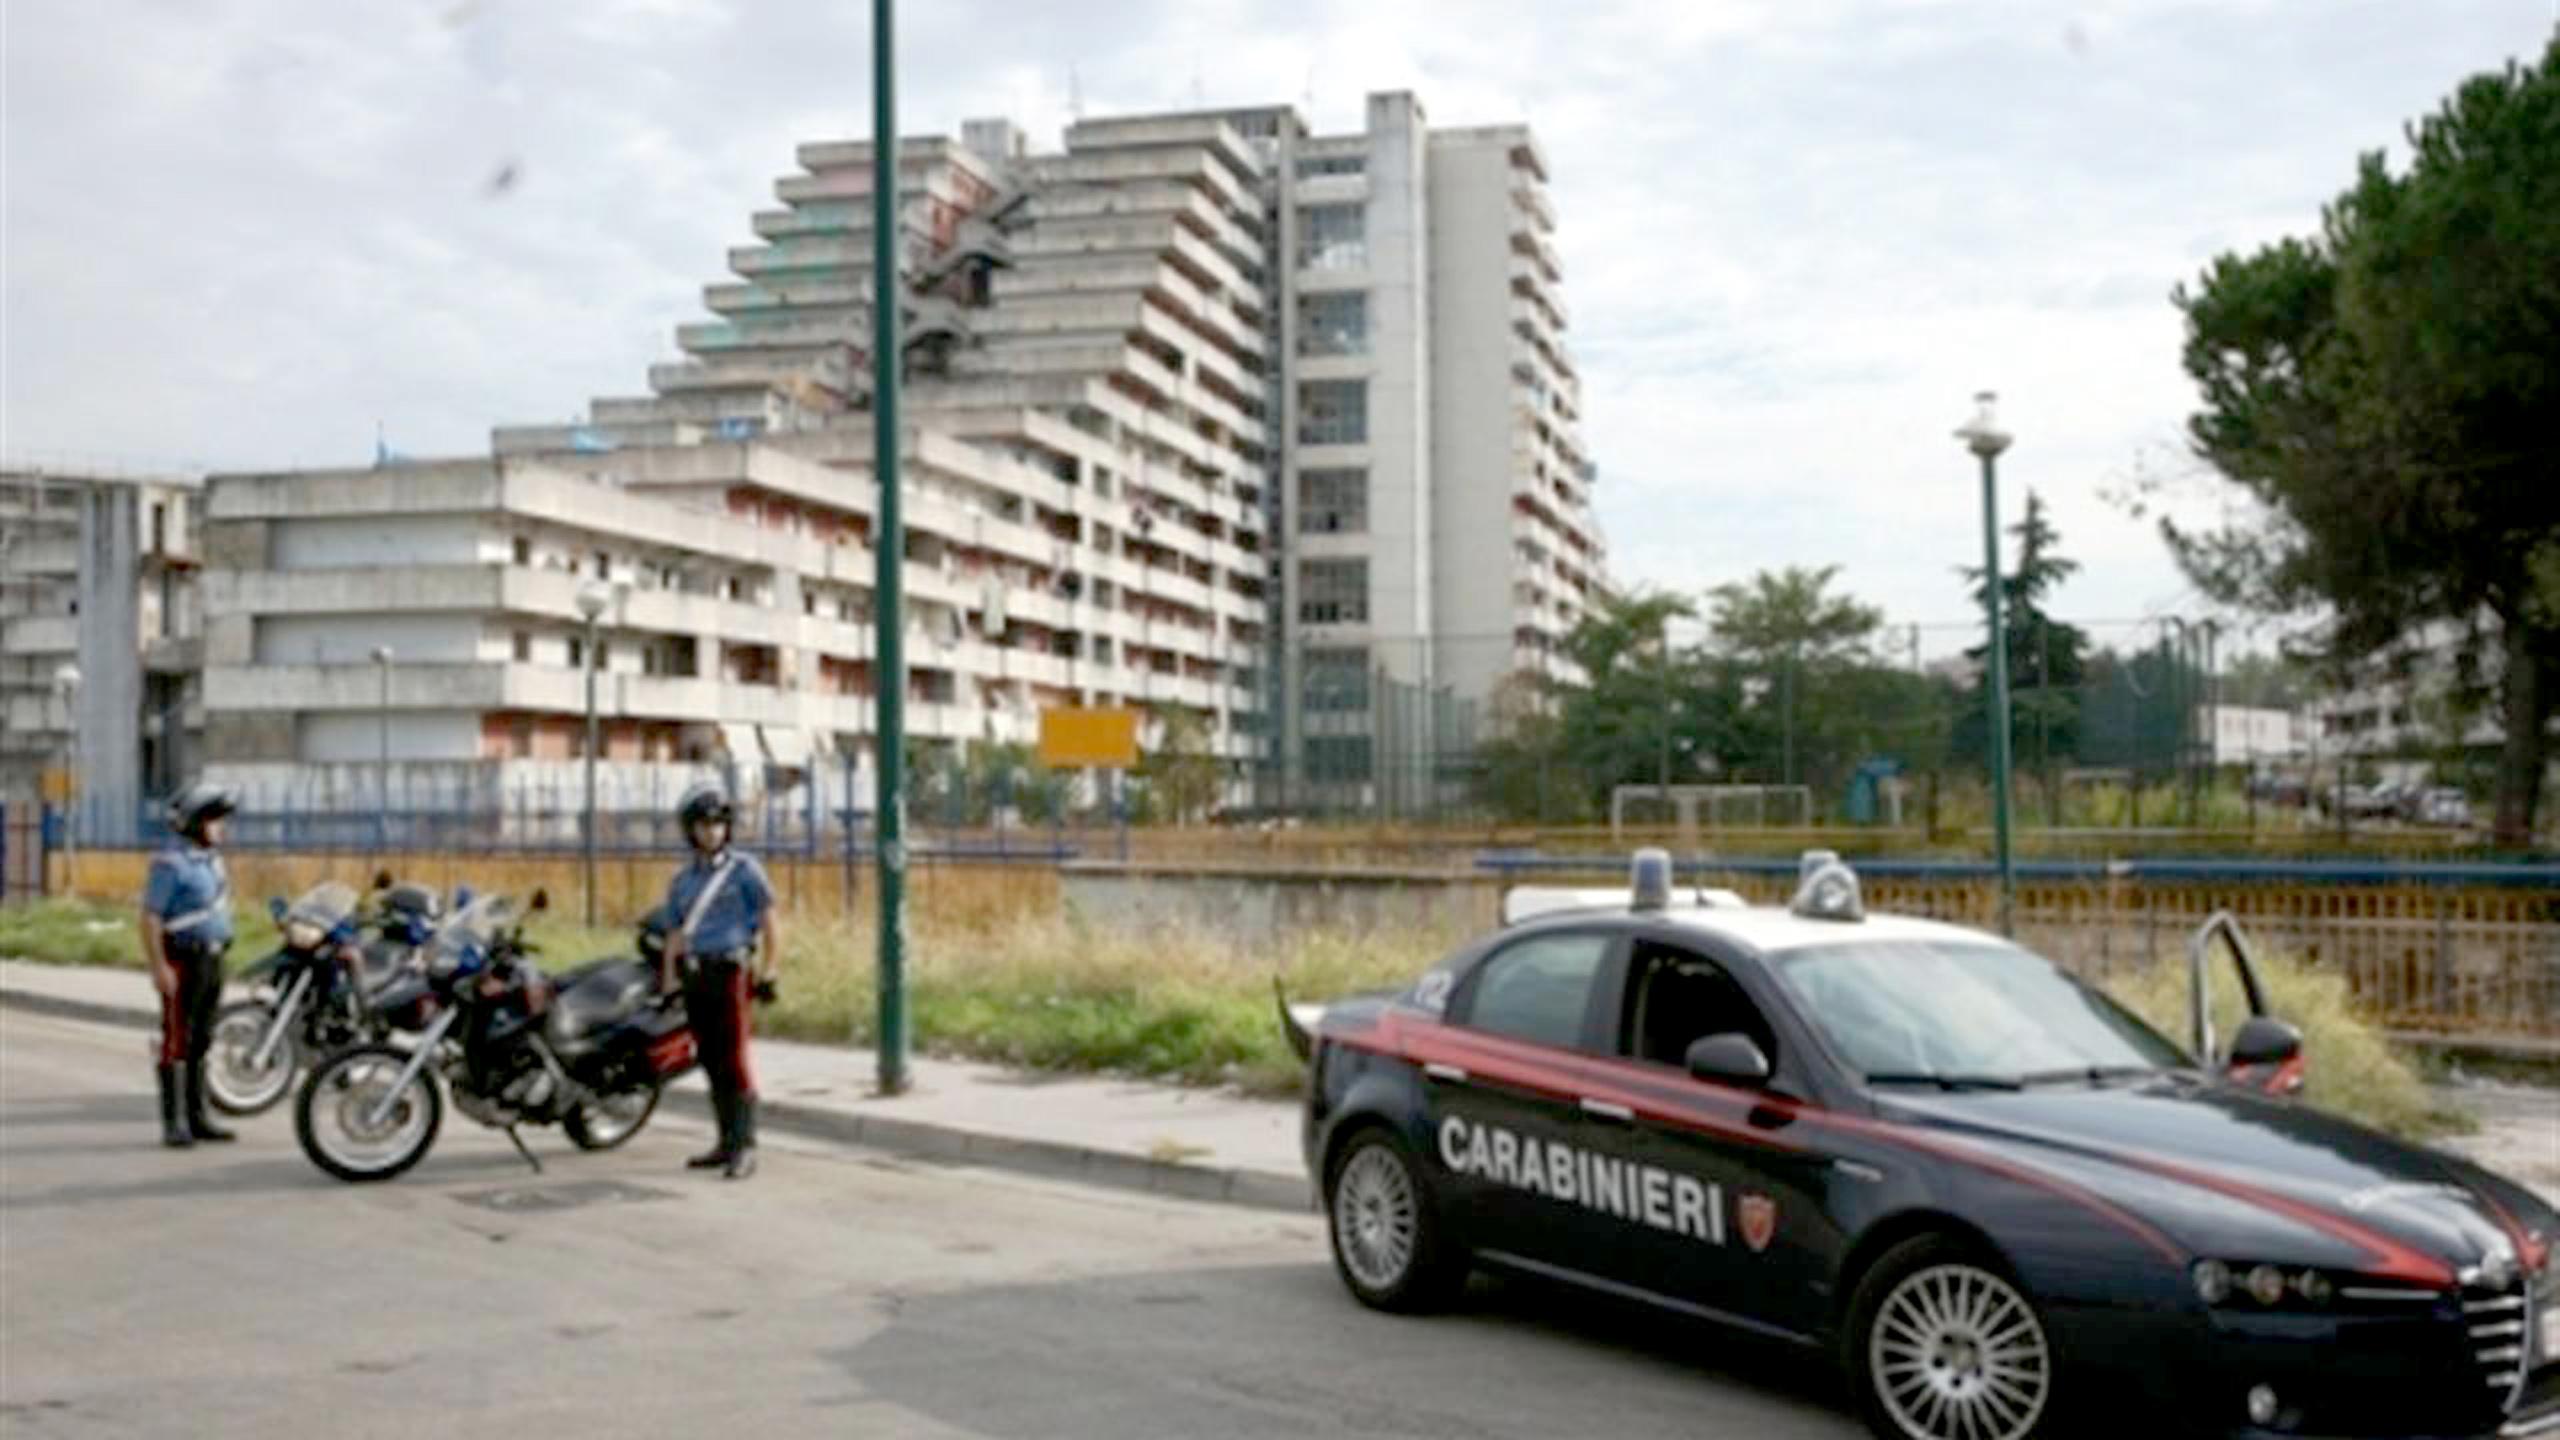 Napoli, era evaso a gennaio da una comunità: minore catturato a Scampia